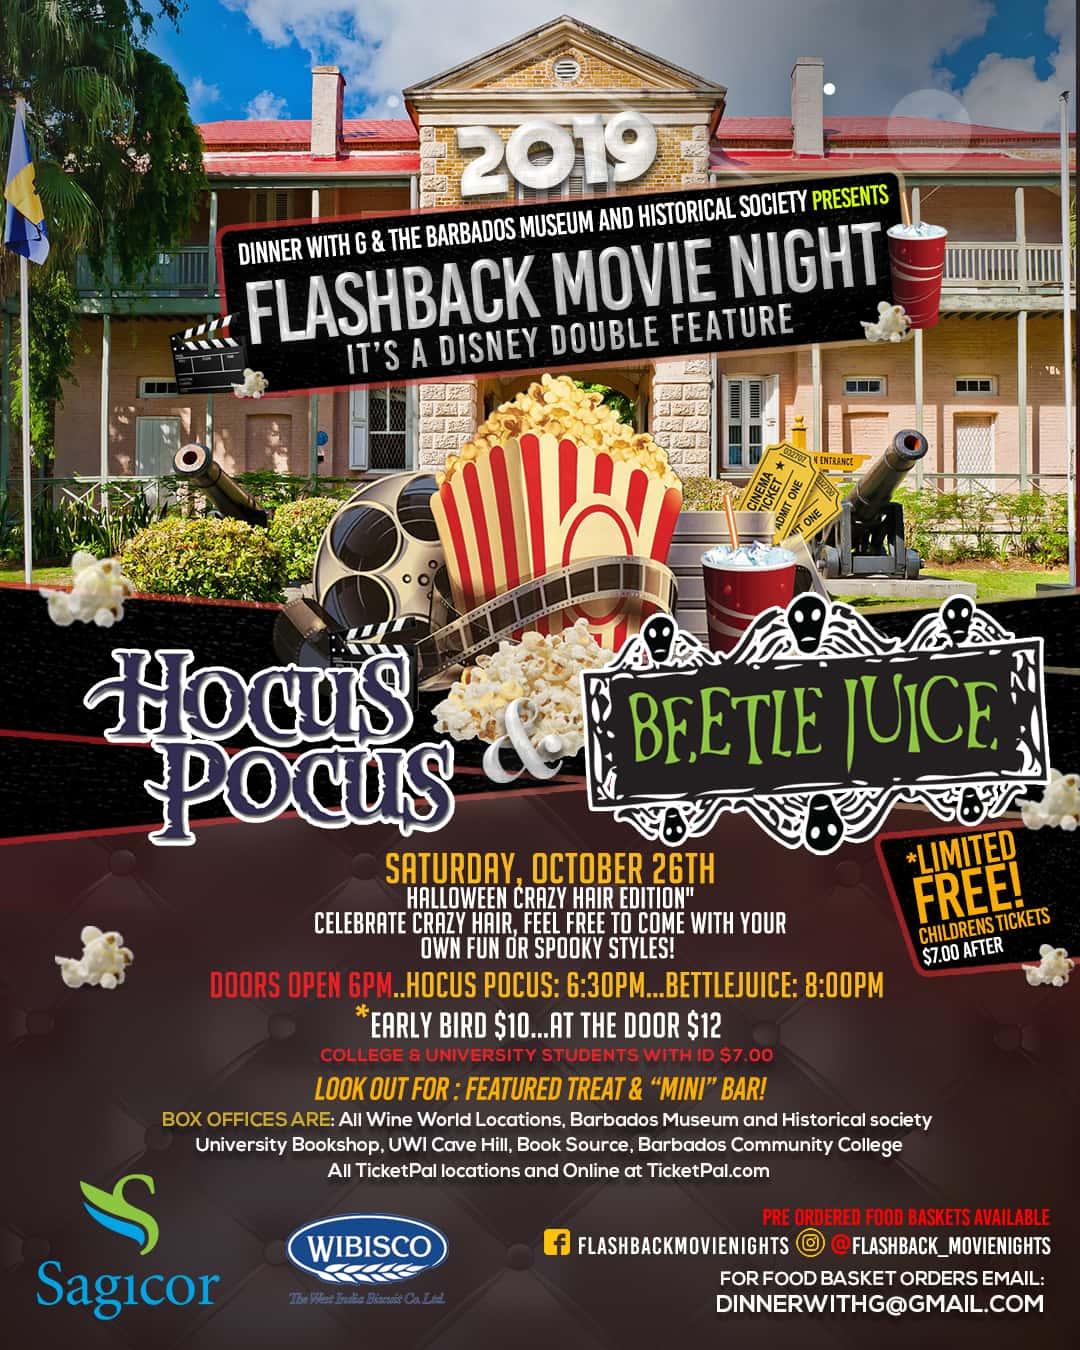 Flashback Movie - Hocus Pocus 1993 & Beetle Juice 1988